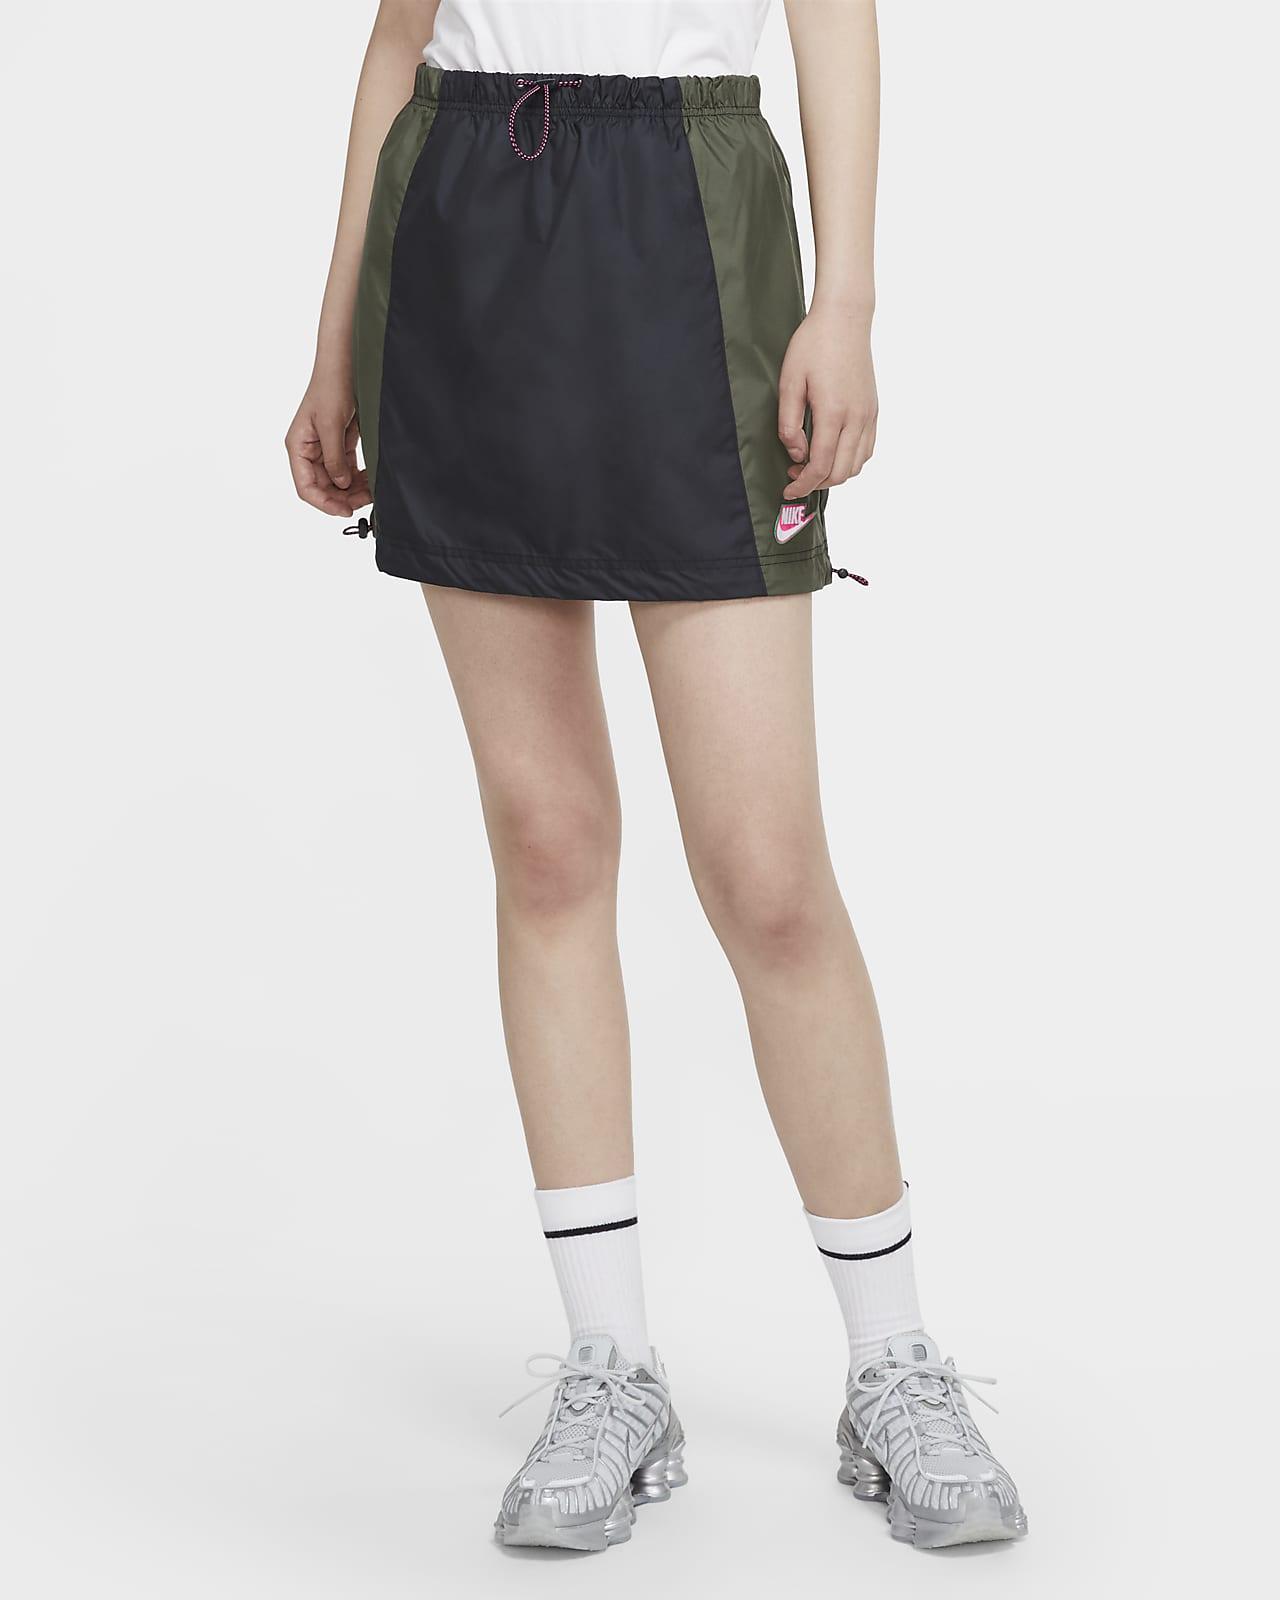 Nike Sportswear 女款梭織短褲